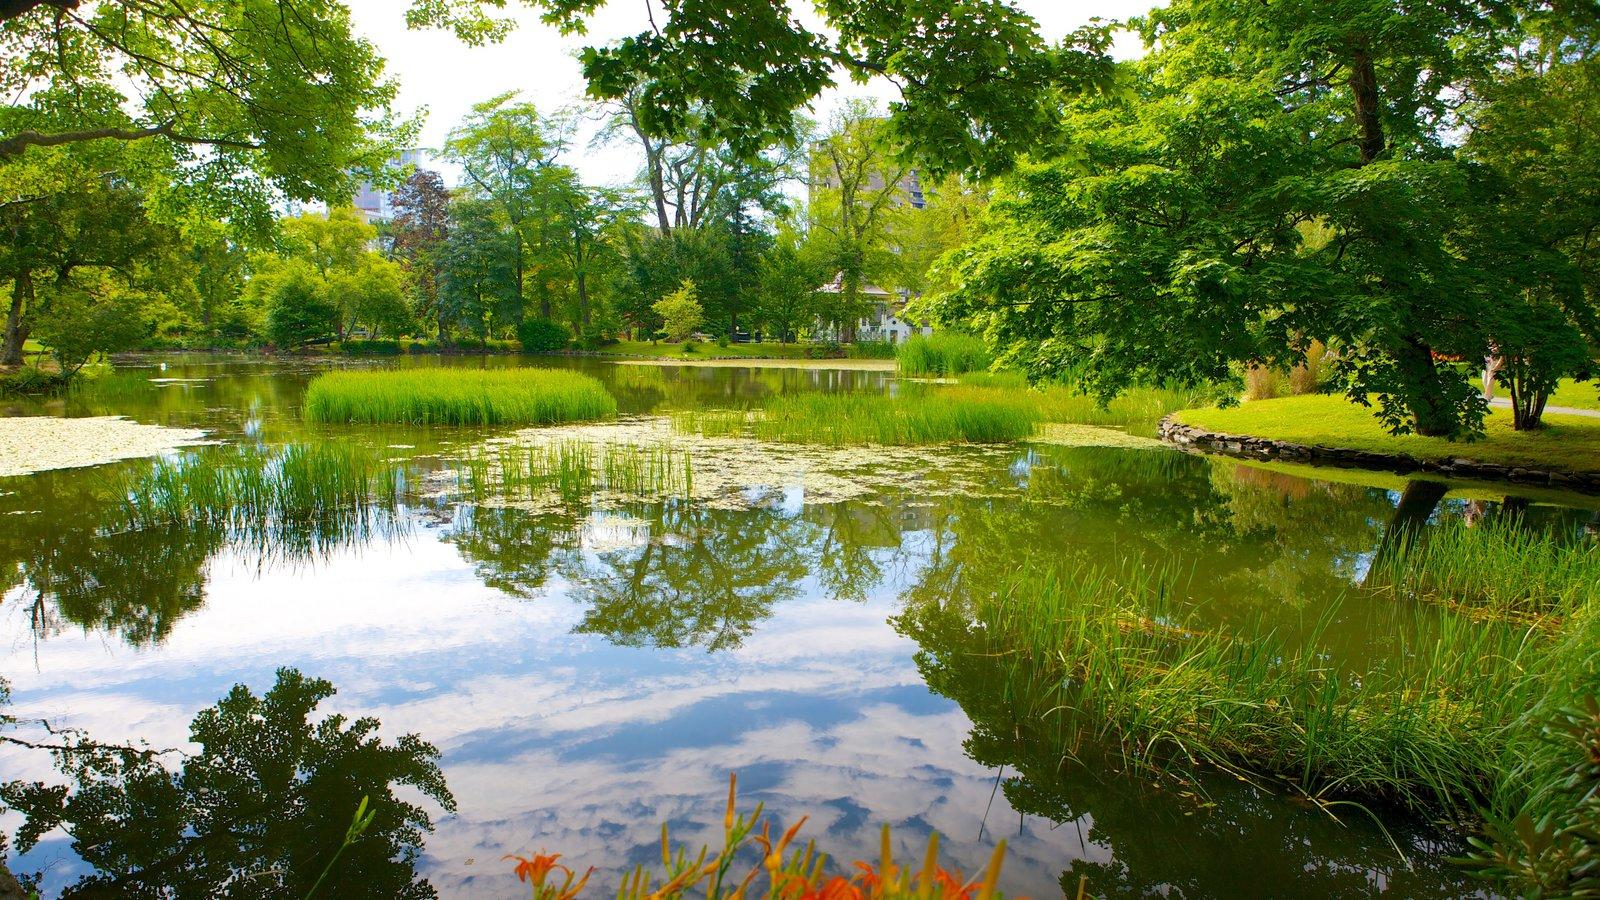 Jardines públicos Halifax que incluye un estanque y un jardín